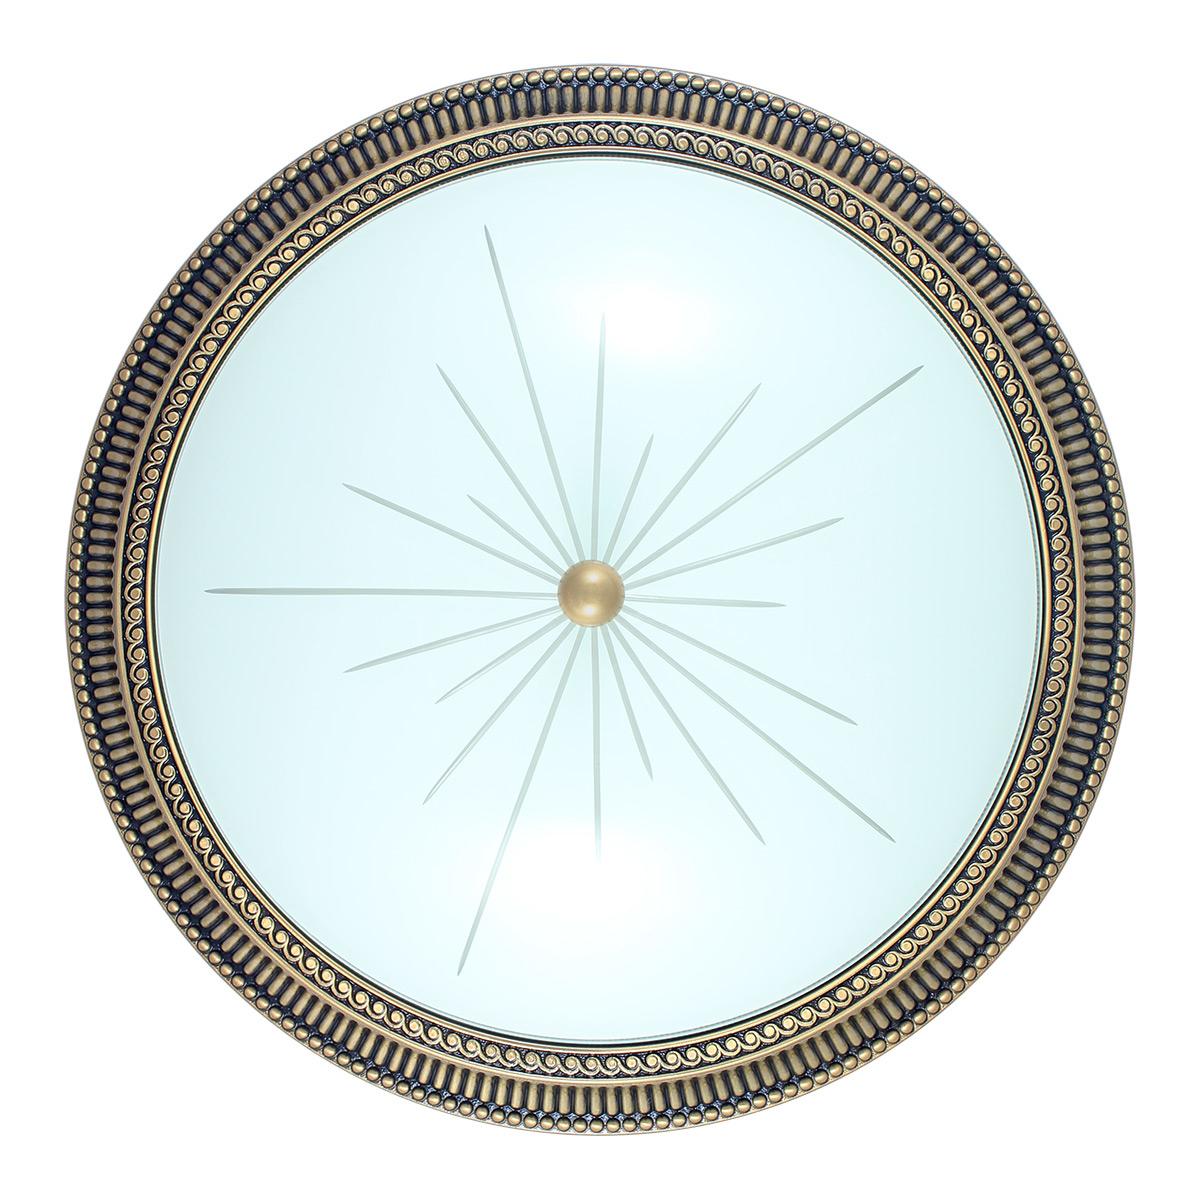 Immagine di Plafoniera in bronzo - Stile rigato - Diametro 50,6 cm